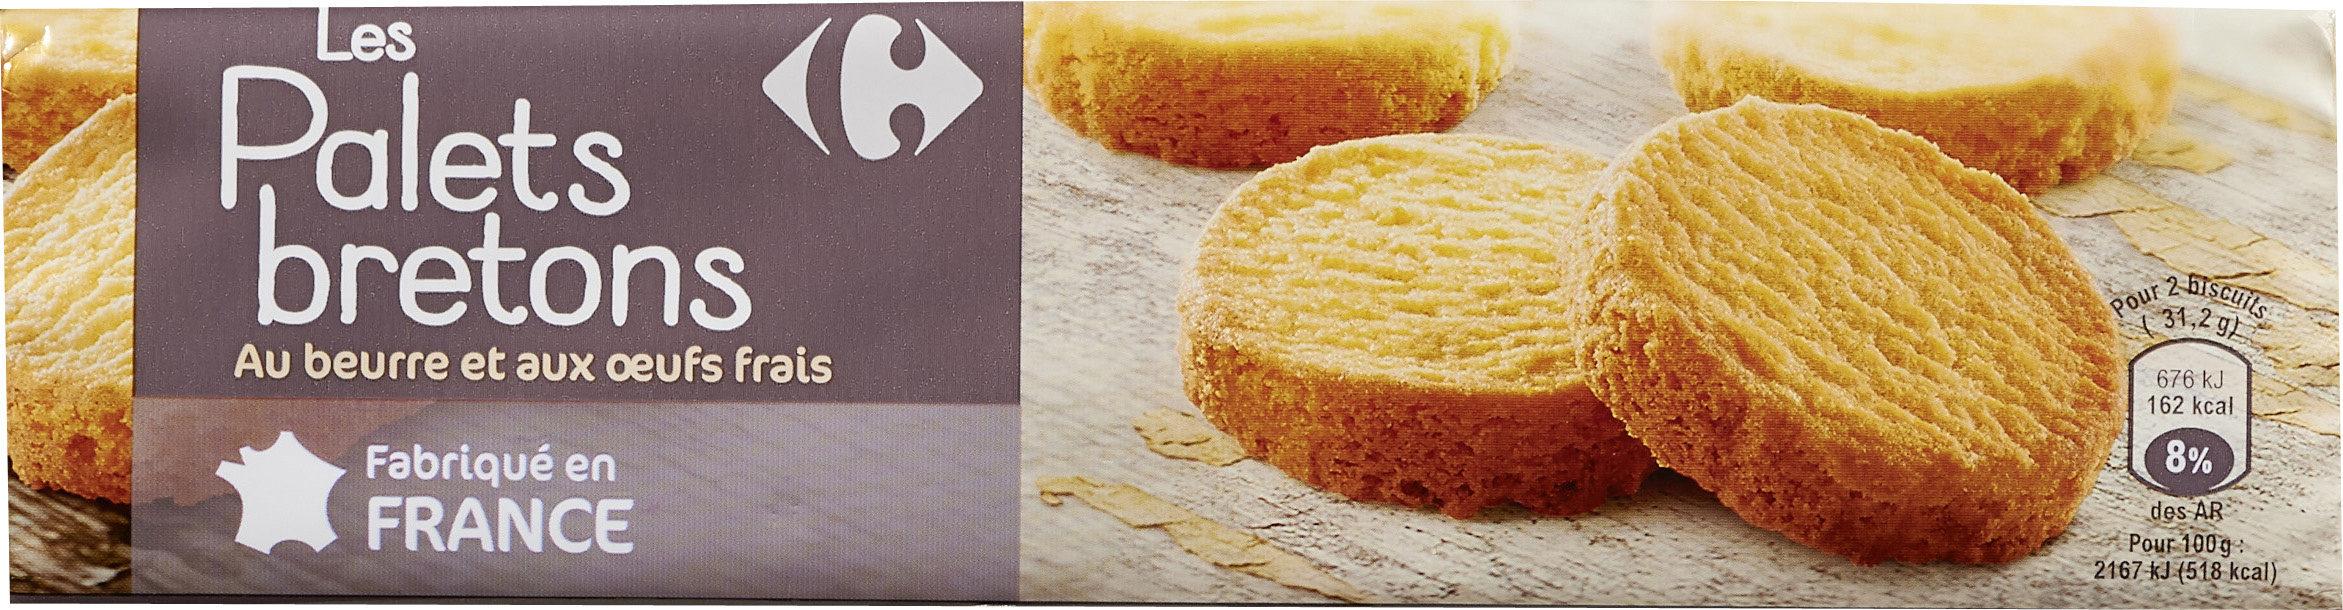 Palets Breton Au beurre et aux œufs frais - Product - fr